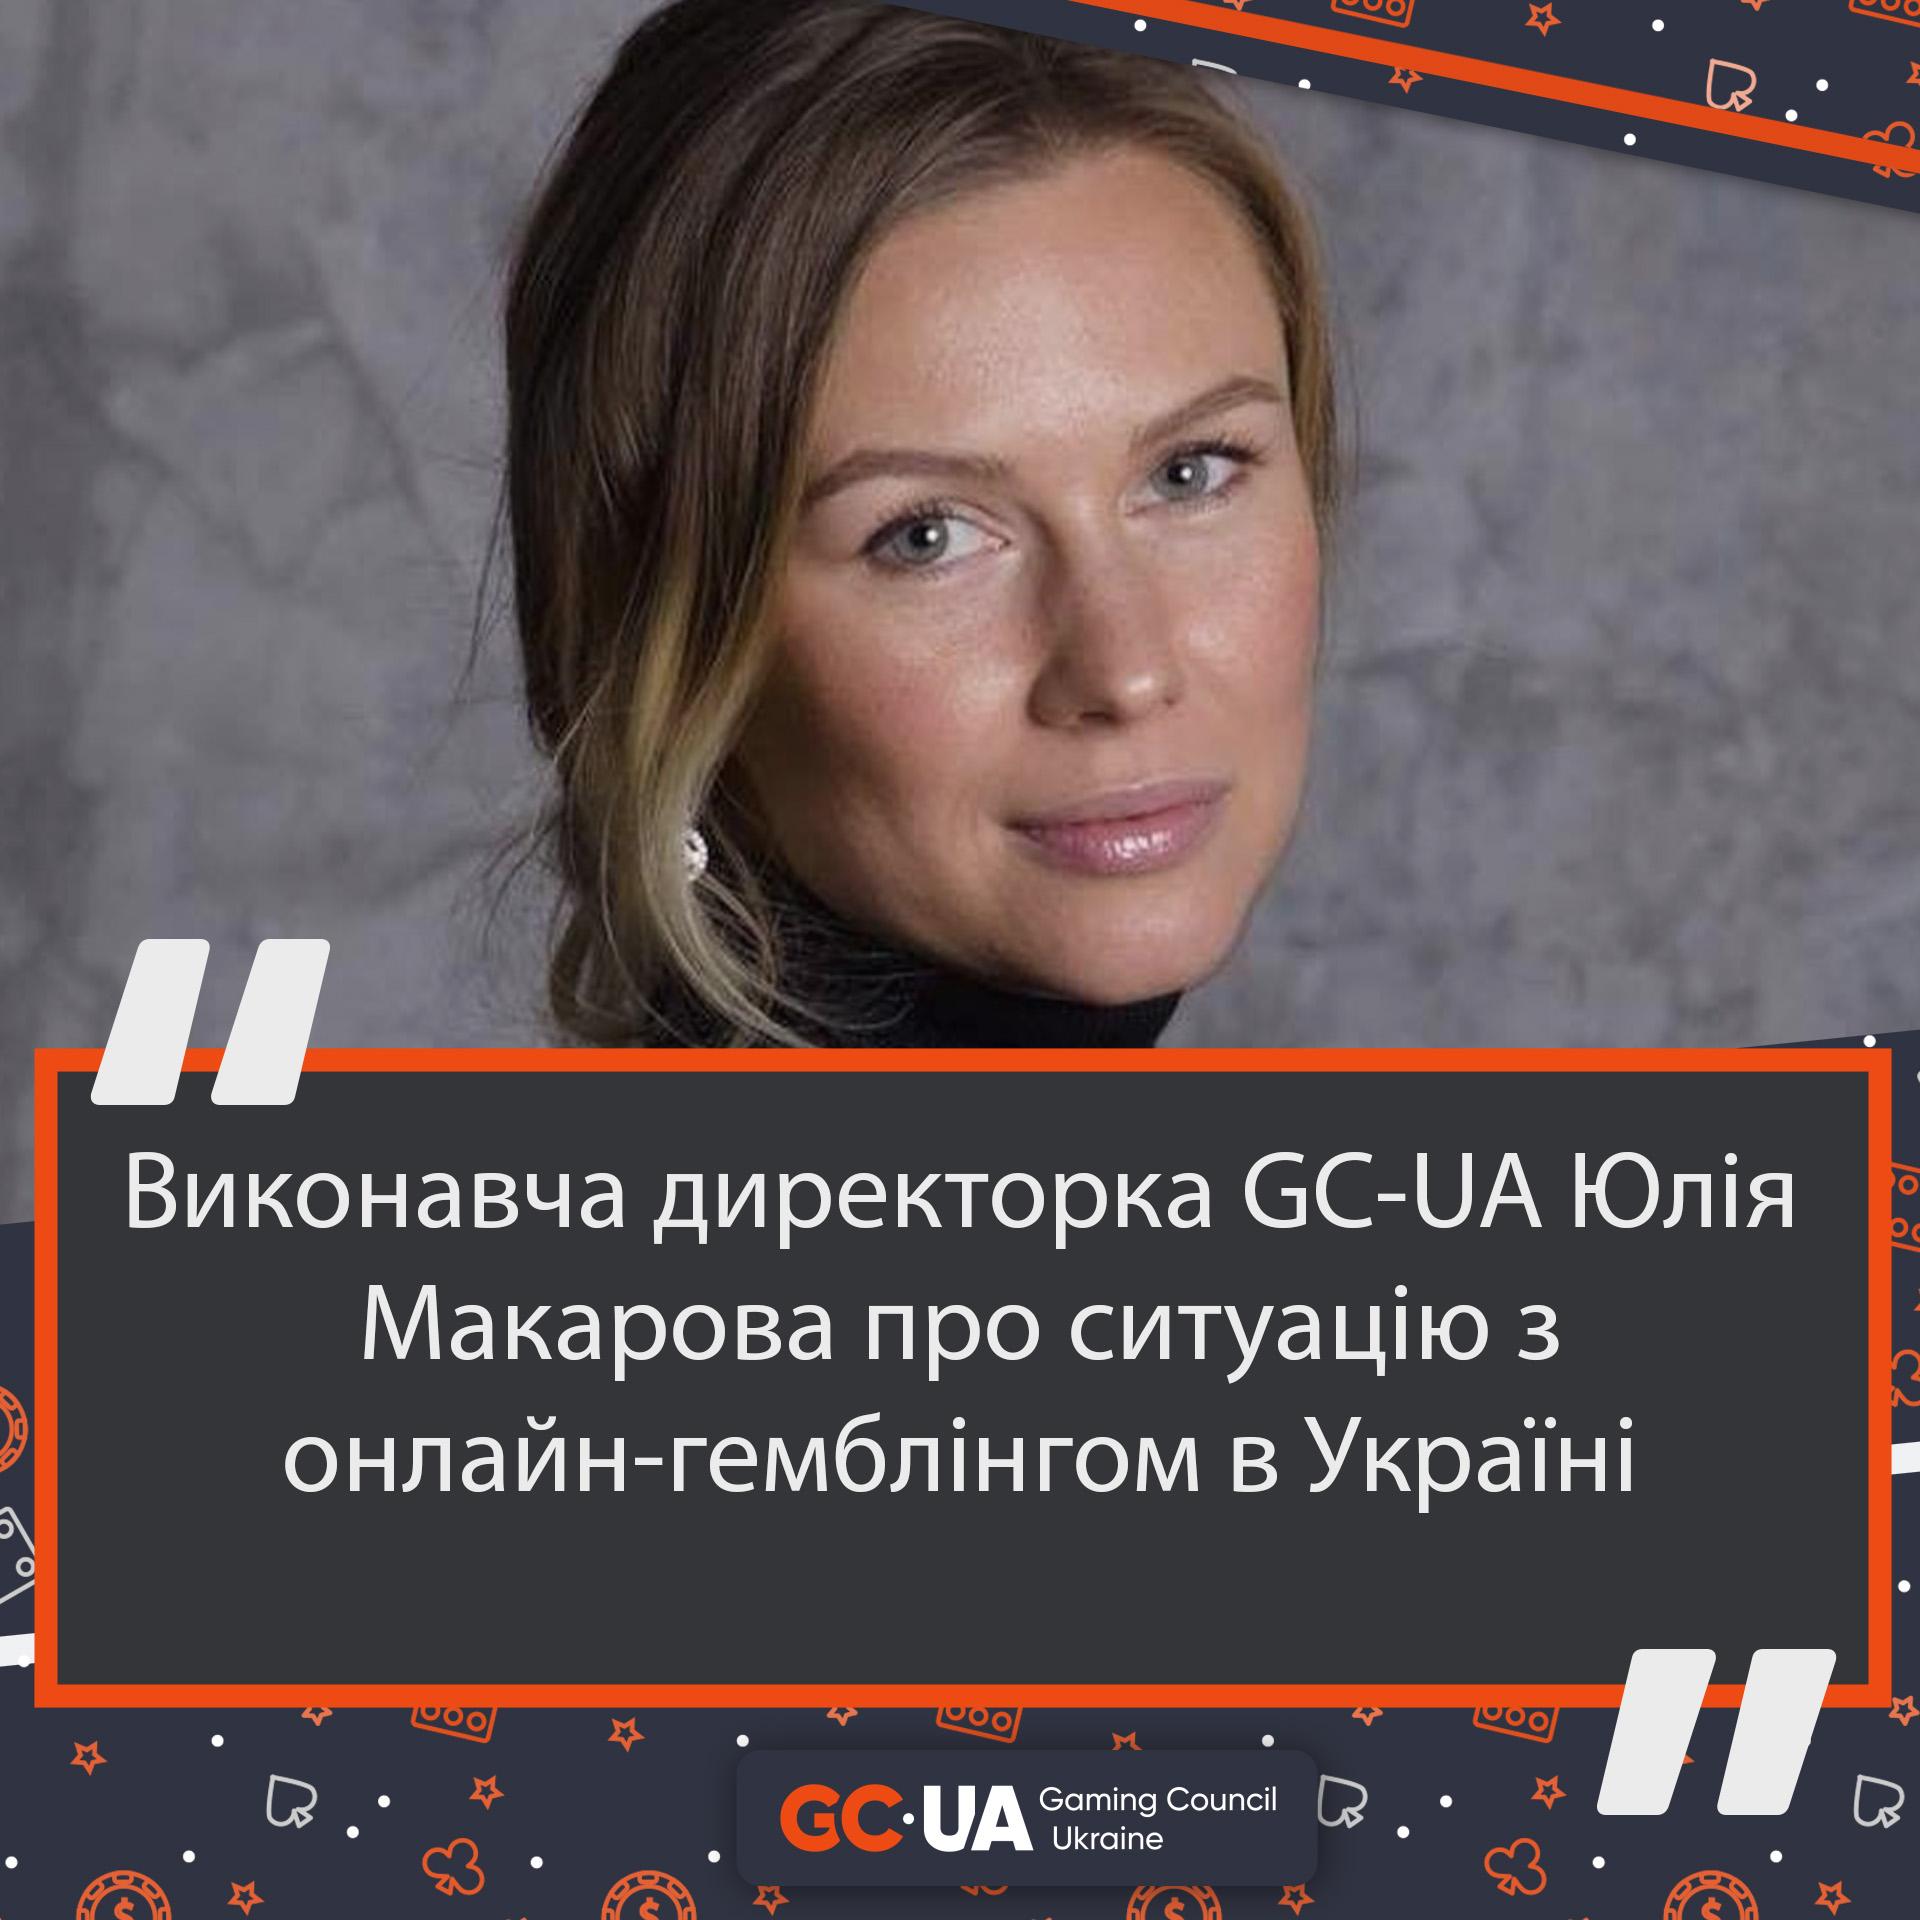 Виконавча директорка GC-UA Юлія Макарова розповіла про ситуацію з онлайн-гемблінгом в Україні